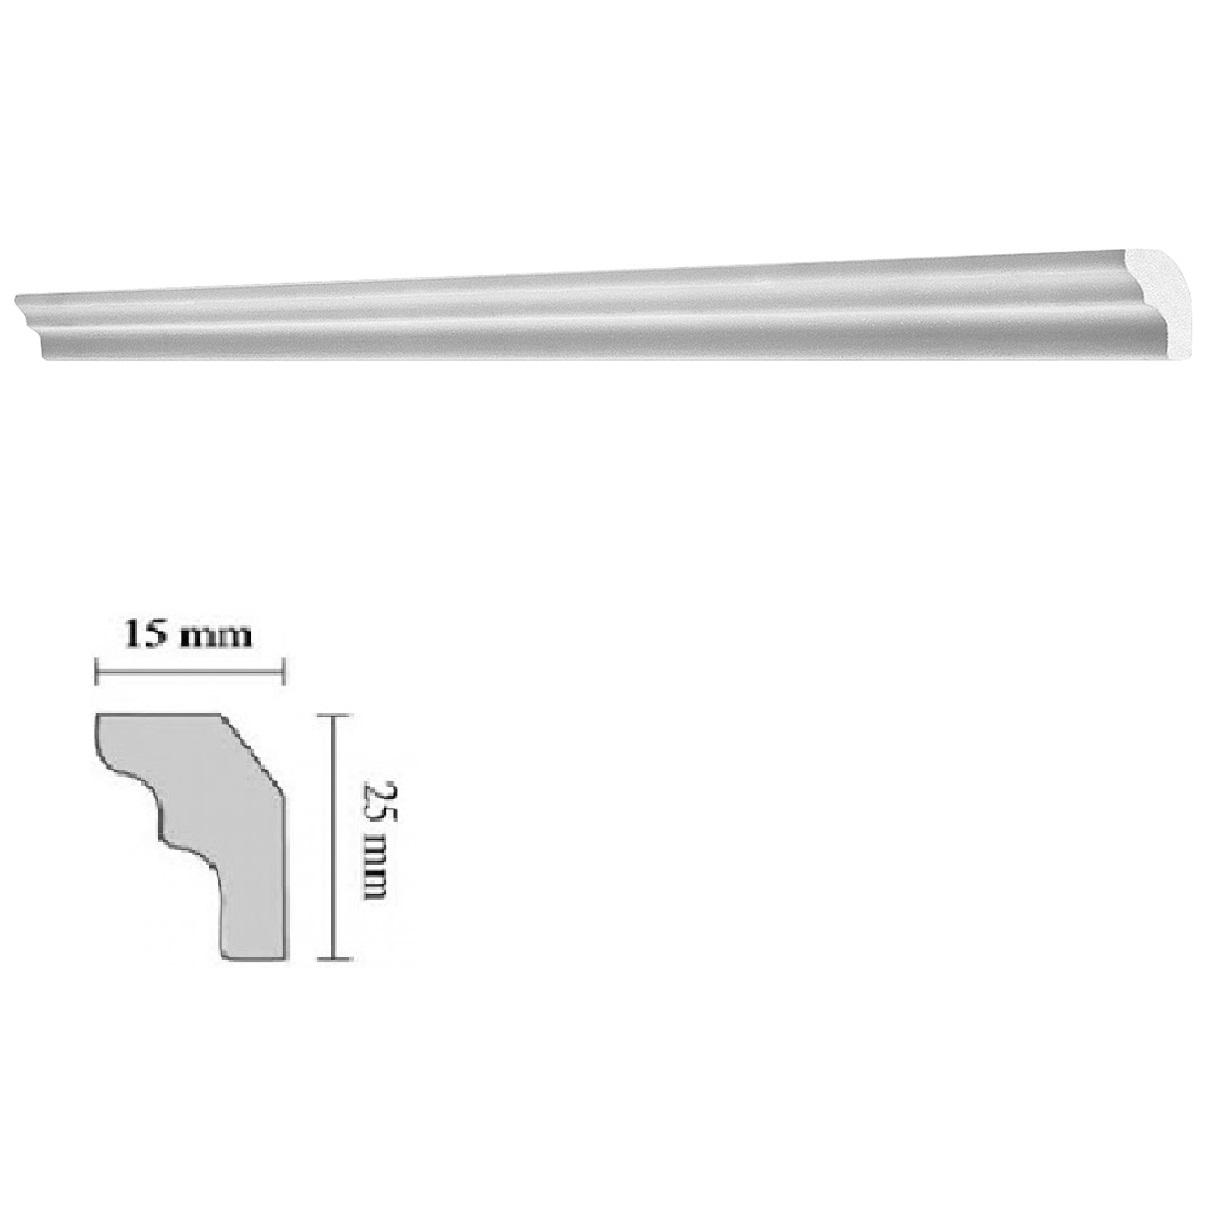 Baghete decorative Decosa- E25 (15x25mm)x176buc cod 13044 davopro 2021